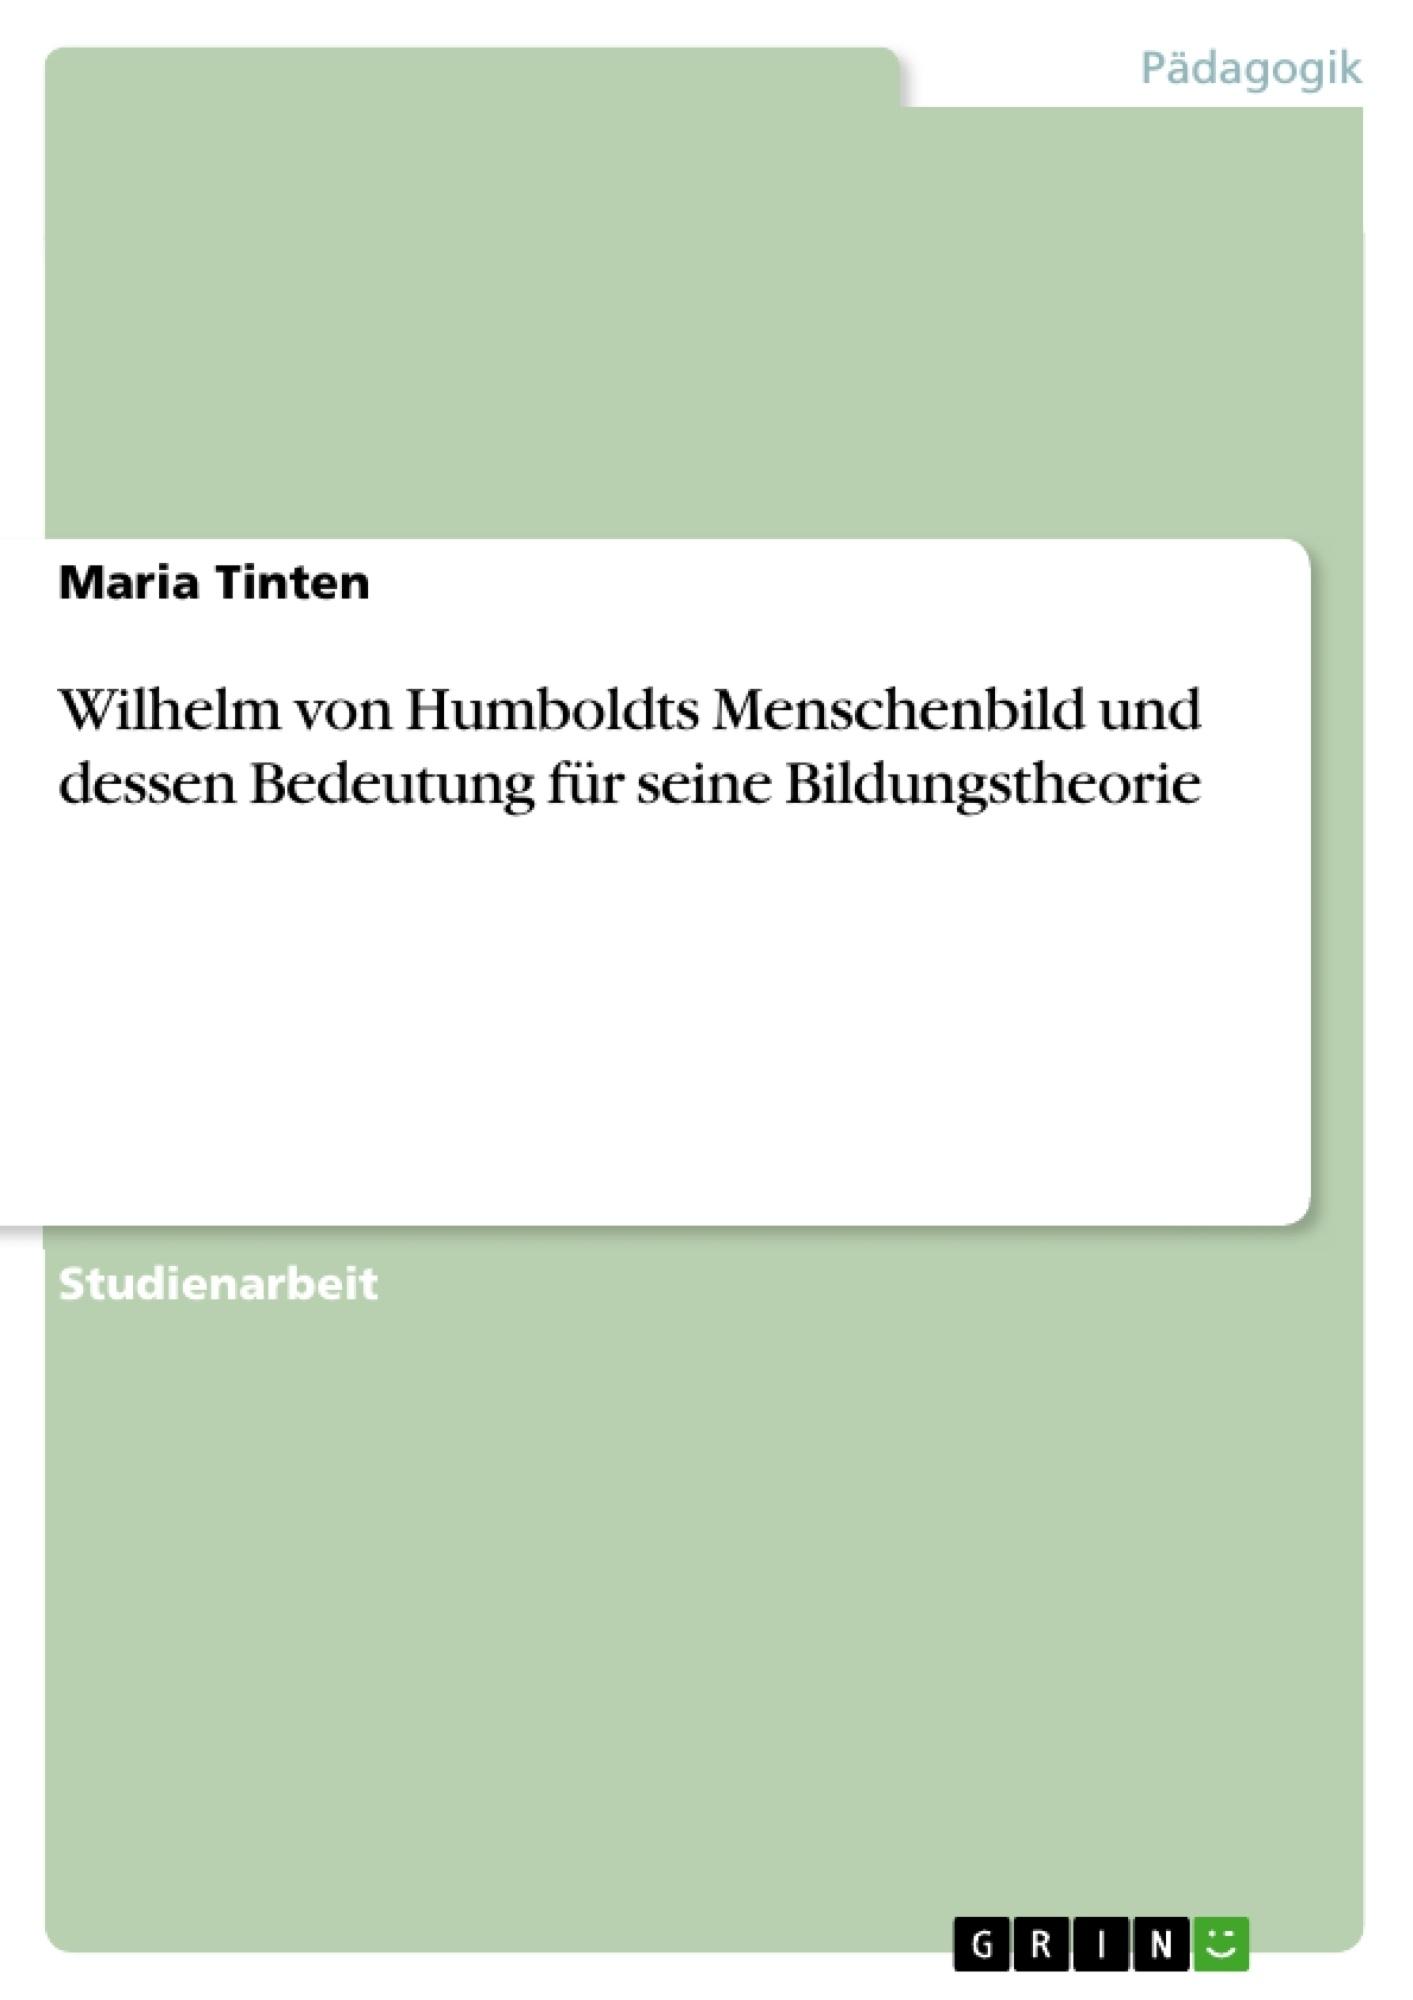 Titel: Wilhelm von Humboldts Menschenbild und dessen Bedeutung für seine Bildungstheorie